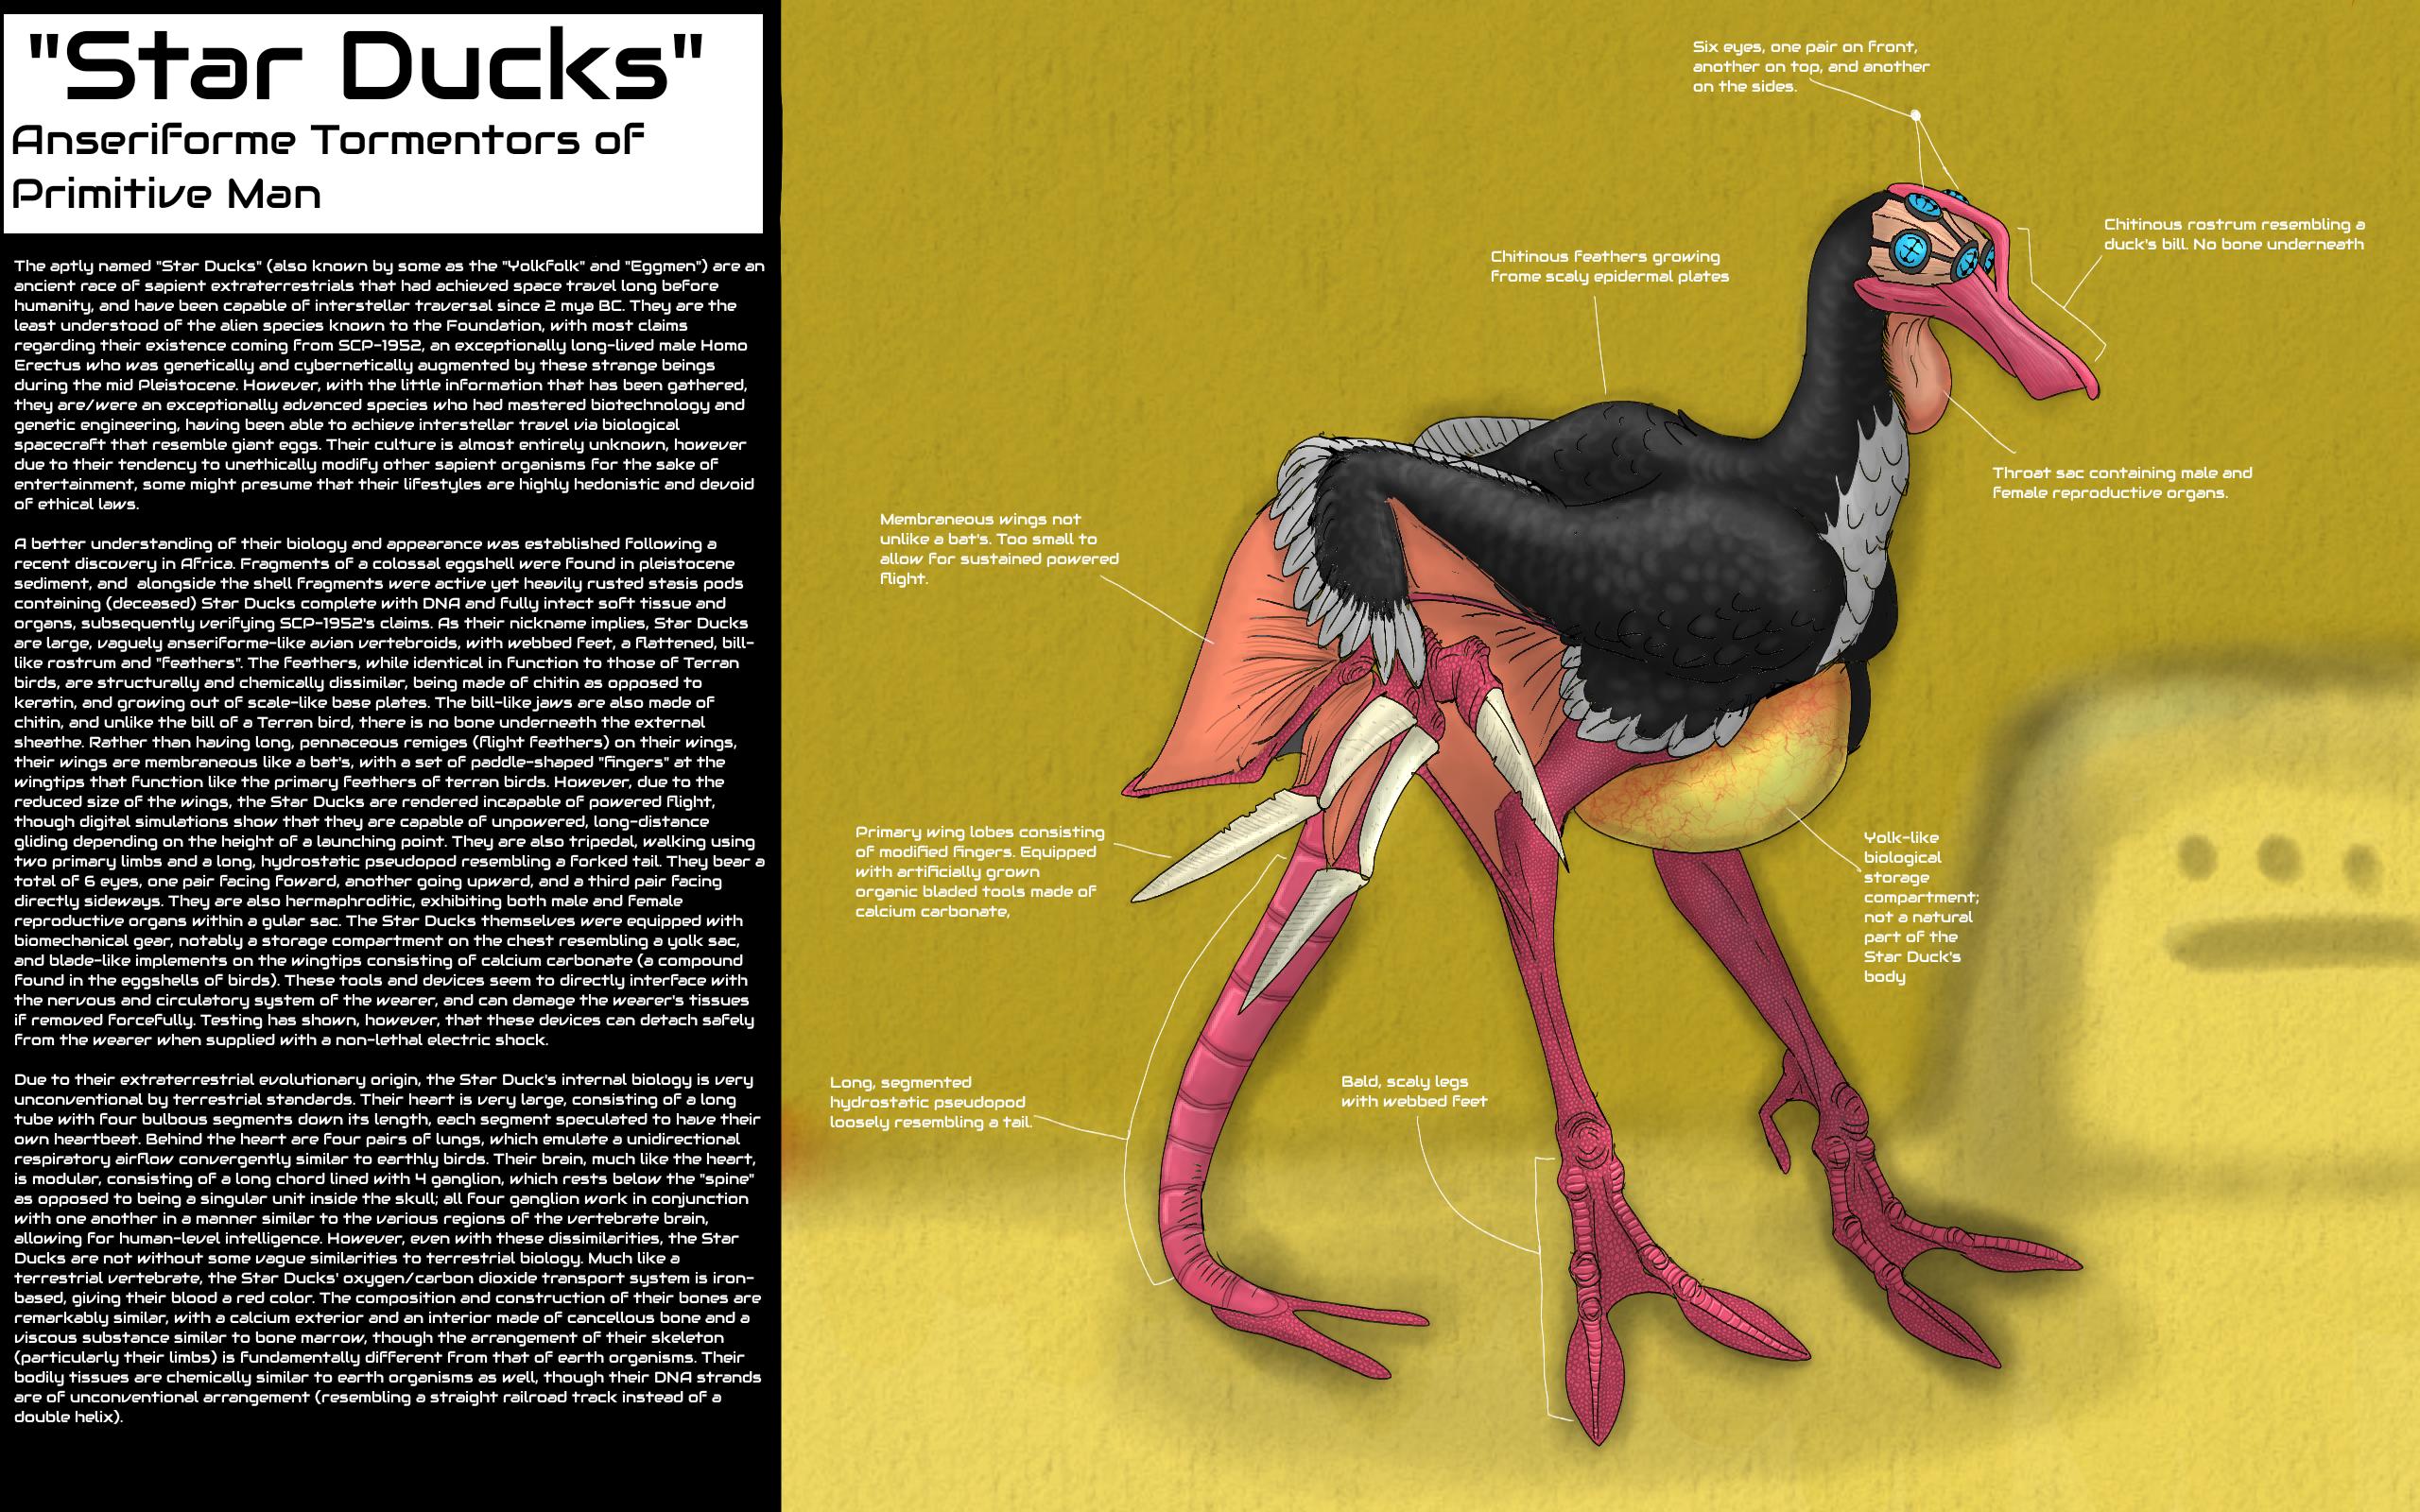 Star Ducks (SoI-1952/SCP-1952-B?)